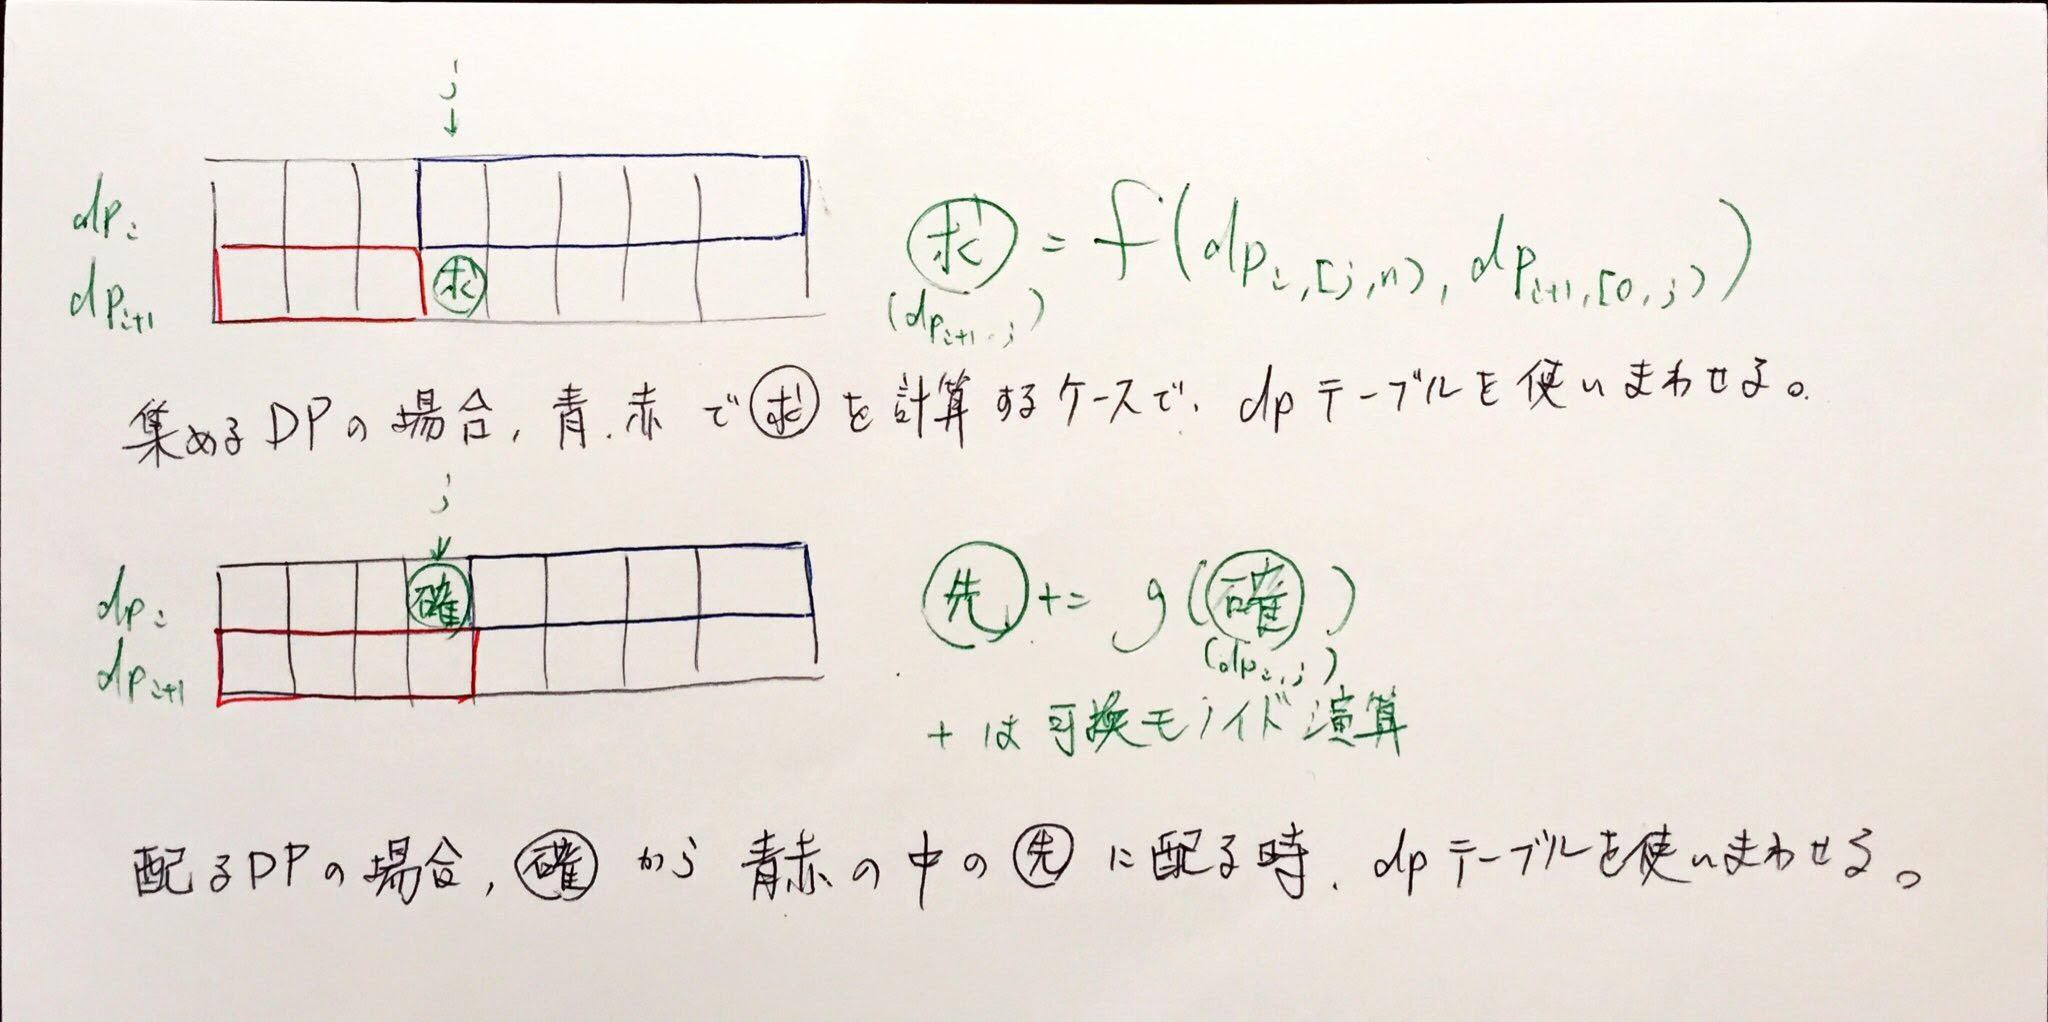 reuse_dp_table.jpg